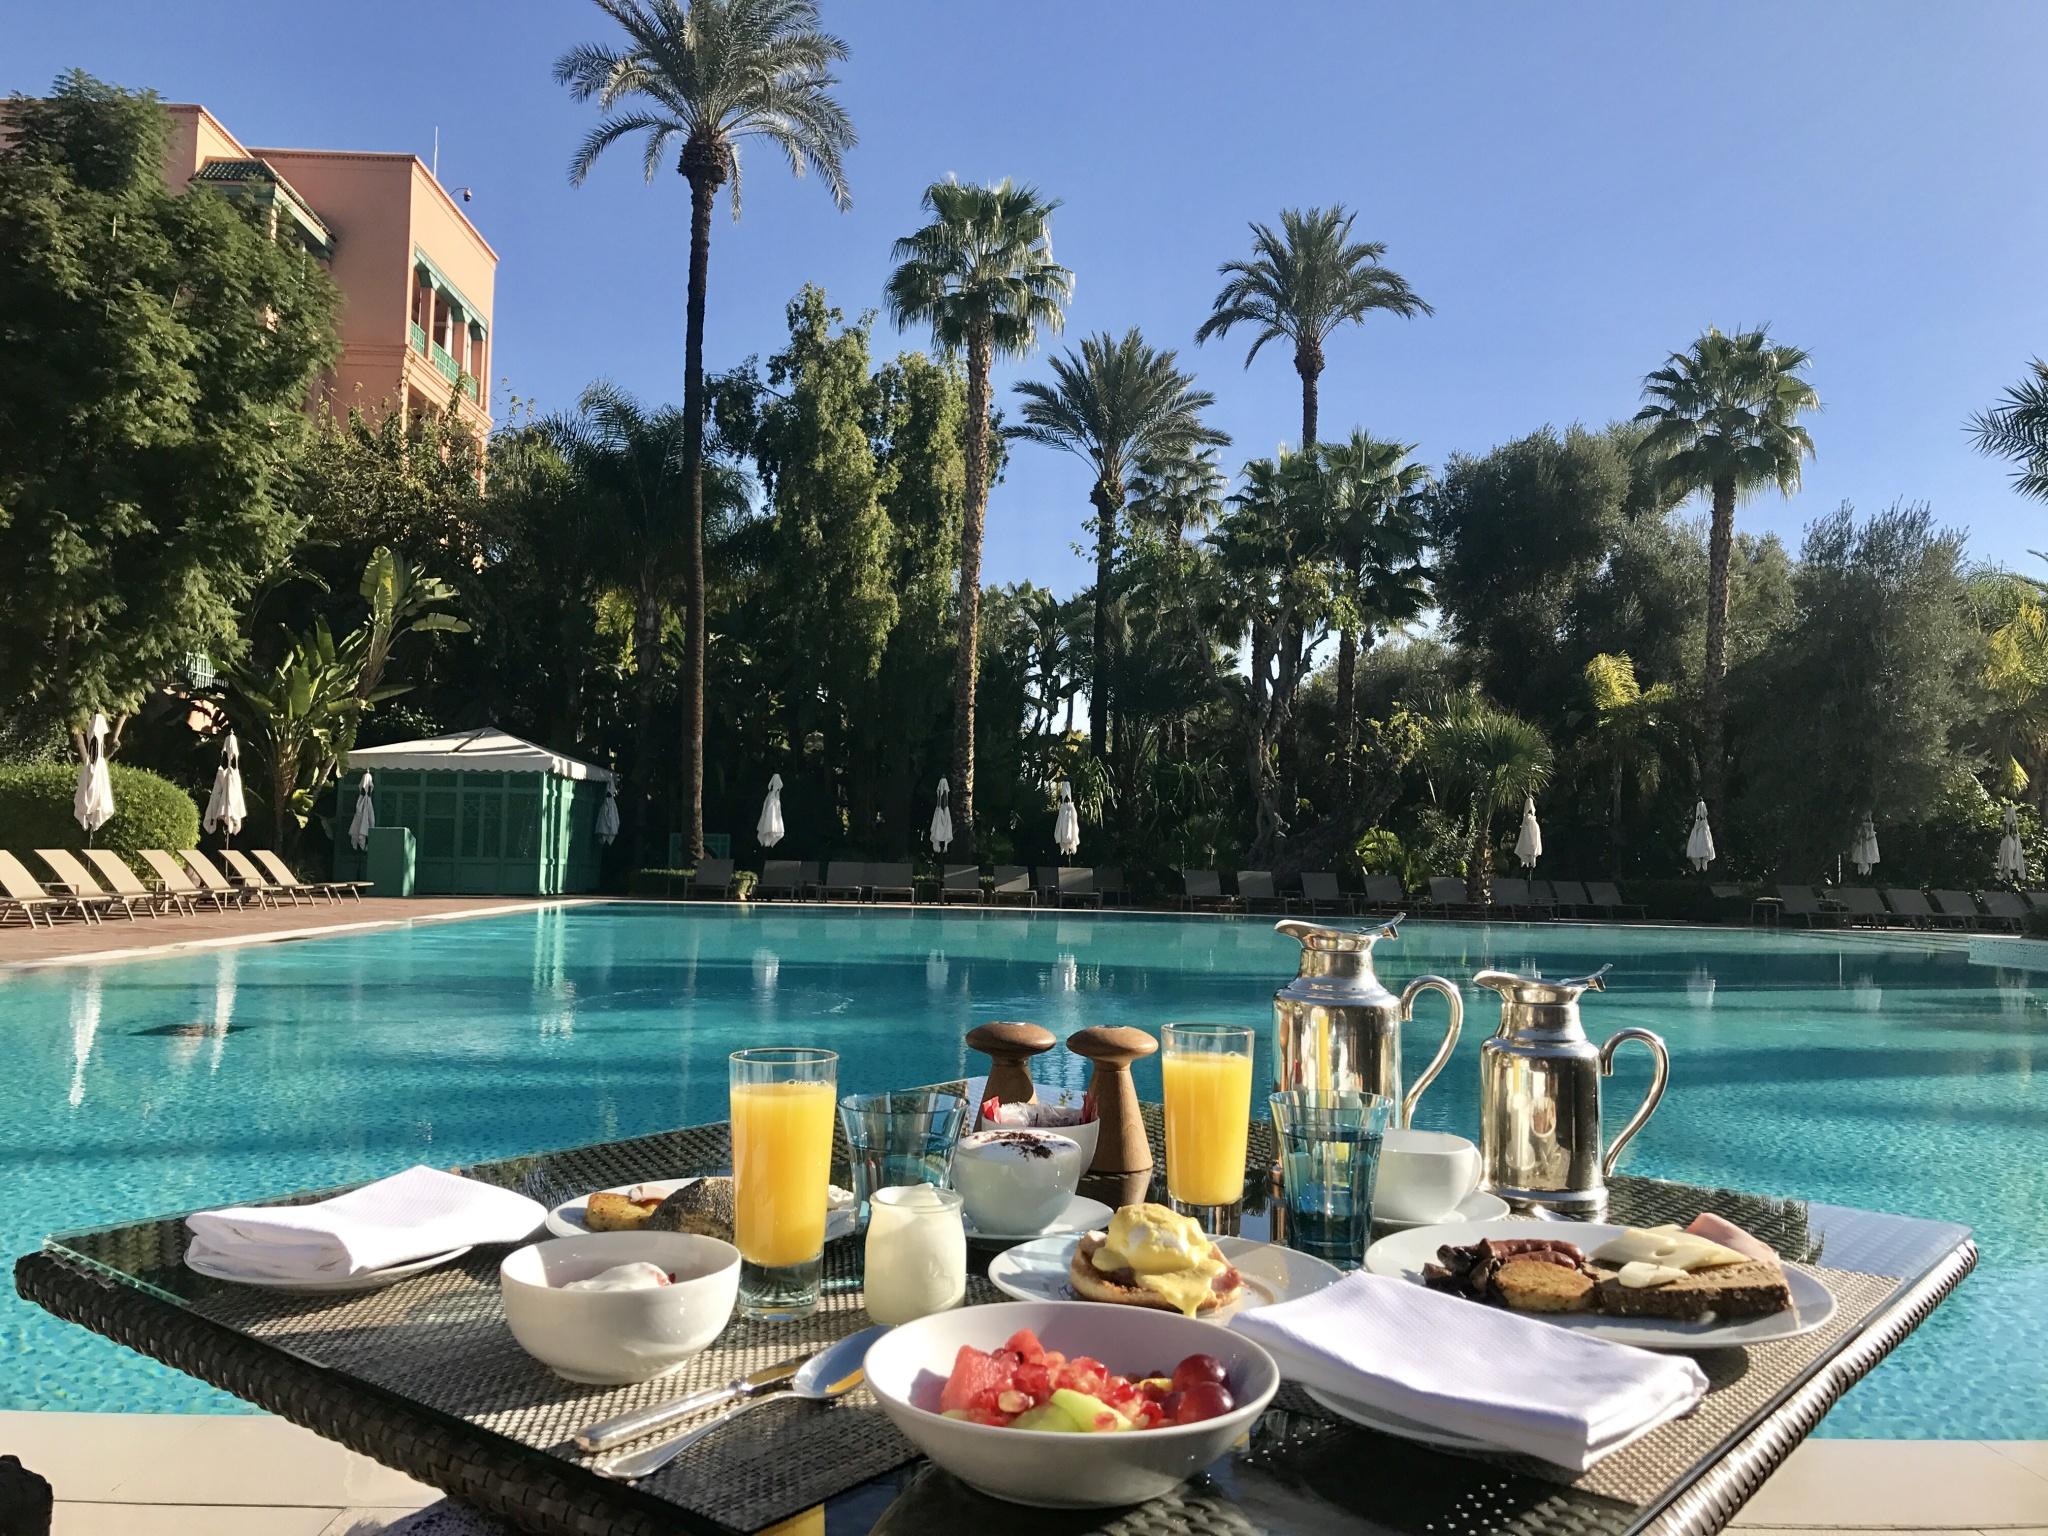 Torsdag i Marrakech: Spa, marockansk middag och magdans